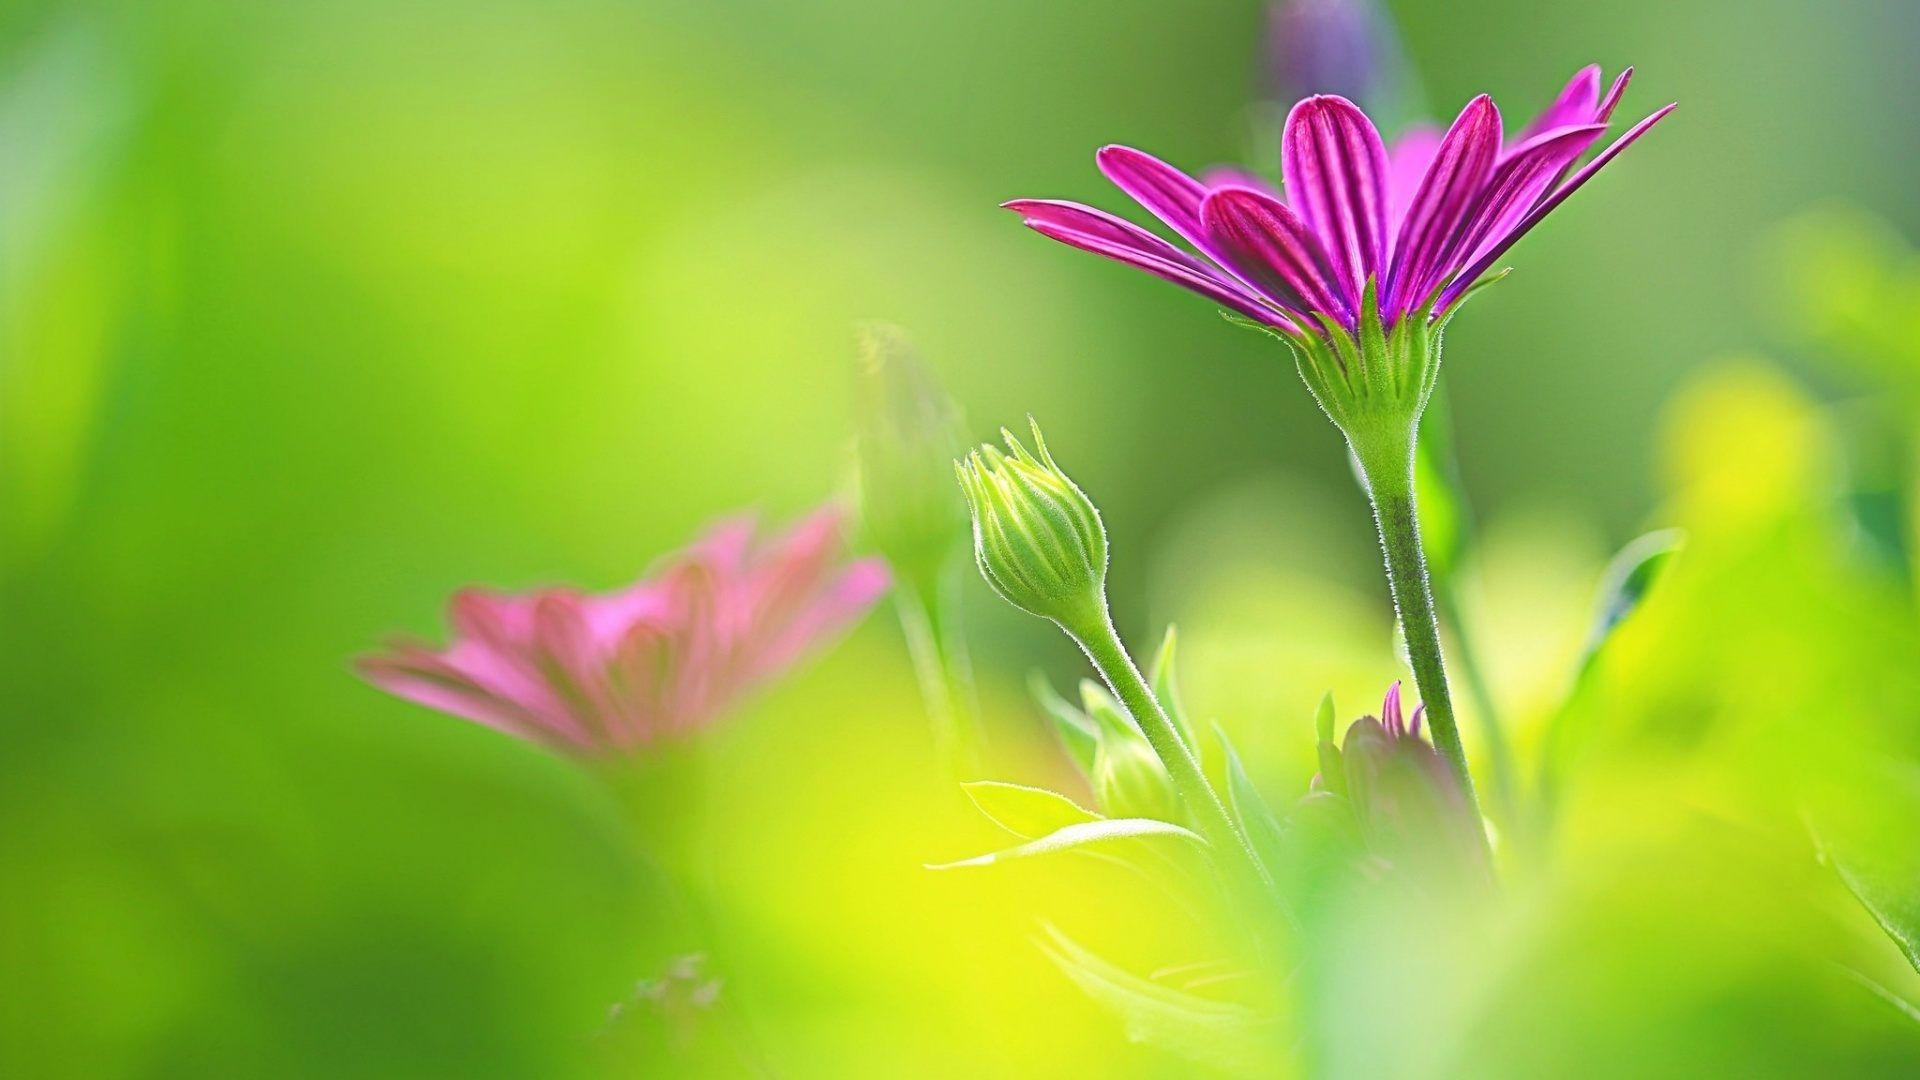 Funny Purple Flowers Hd Wallpaper: Purple Morning Flowers HD Wallpaper